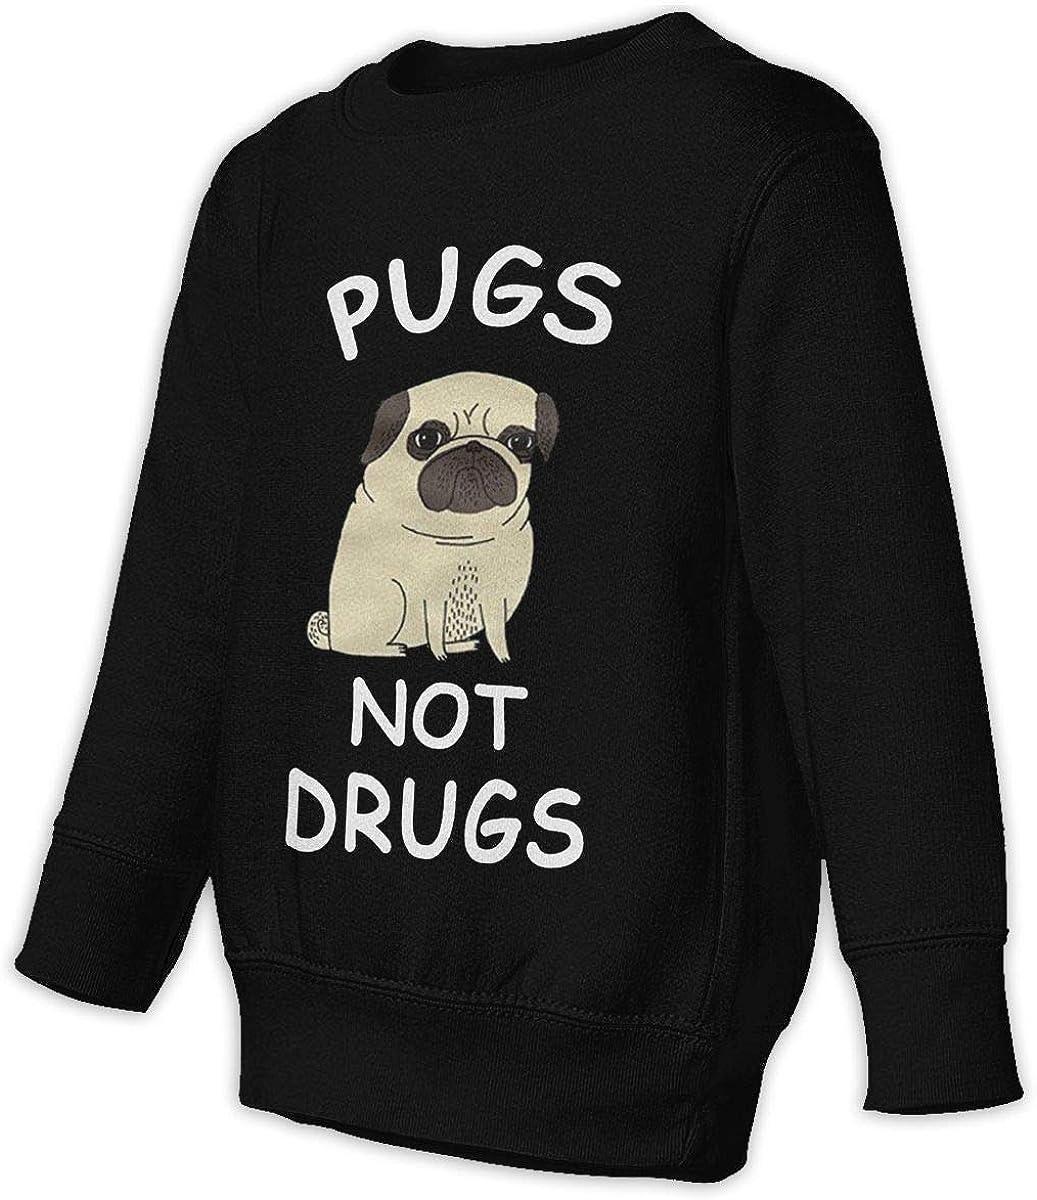 Fleece Pull Over Sweatshirt for Boys Girls Kids Youth Pug Dog Unisex Toddler Hoodies